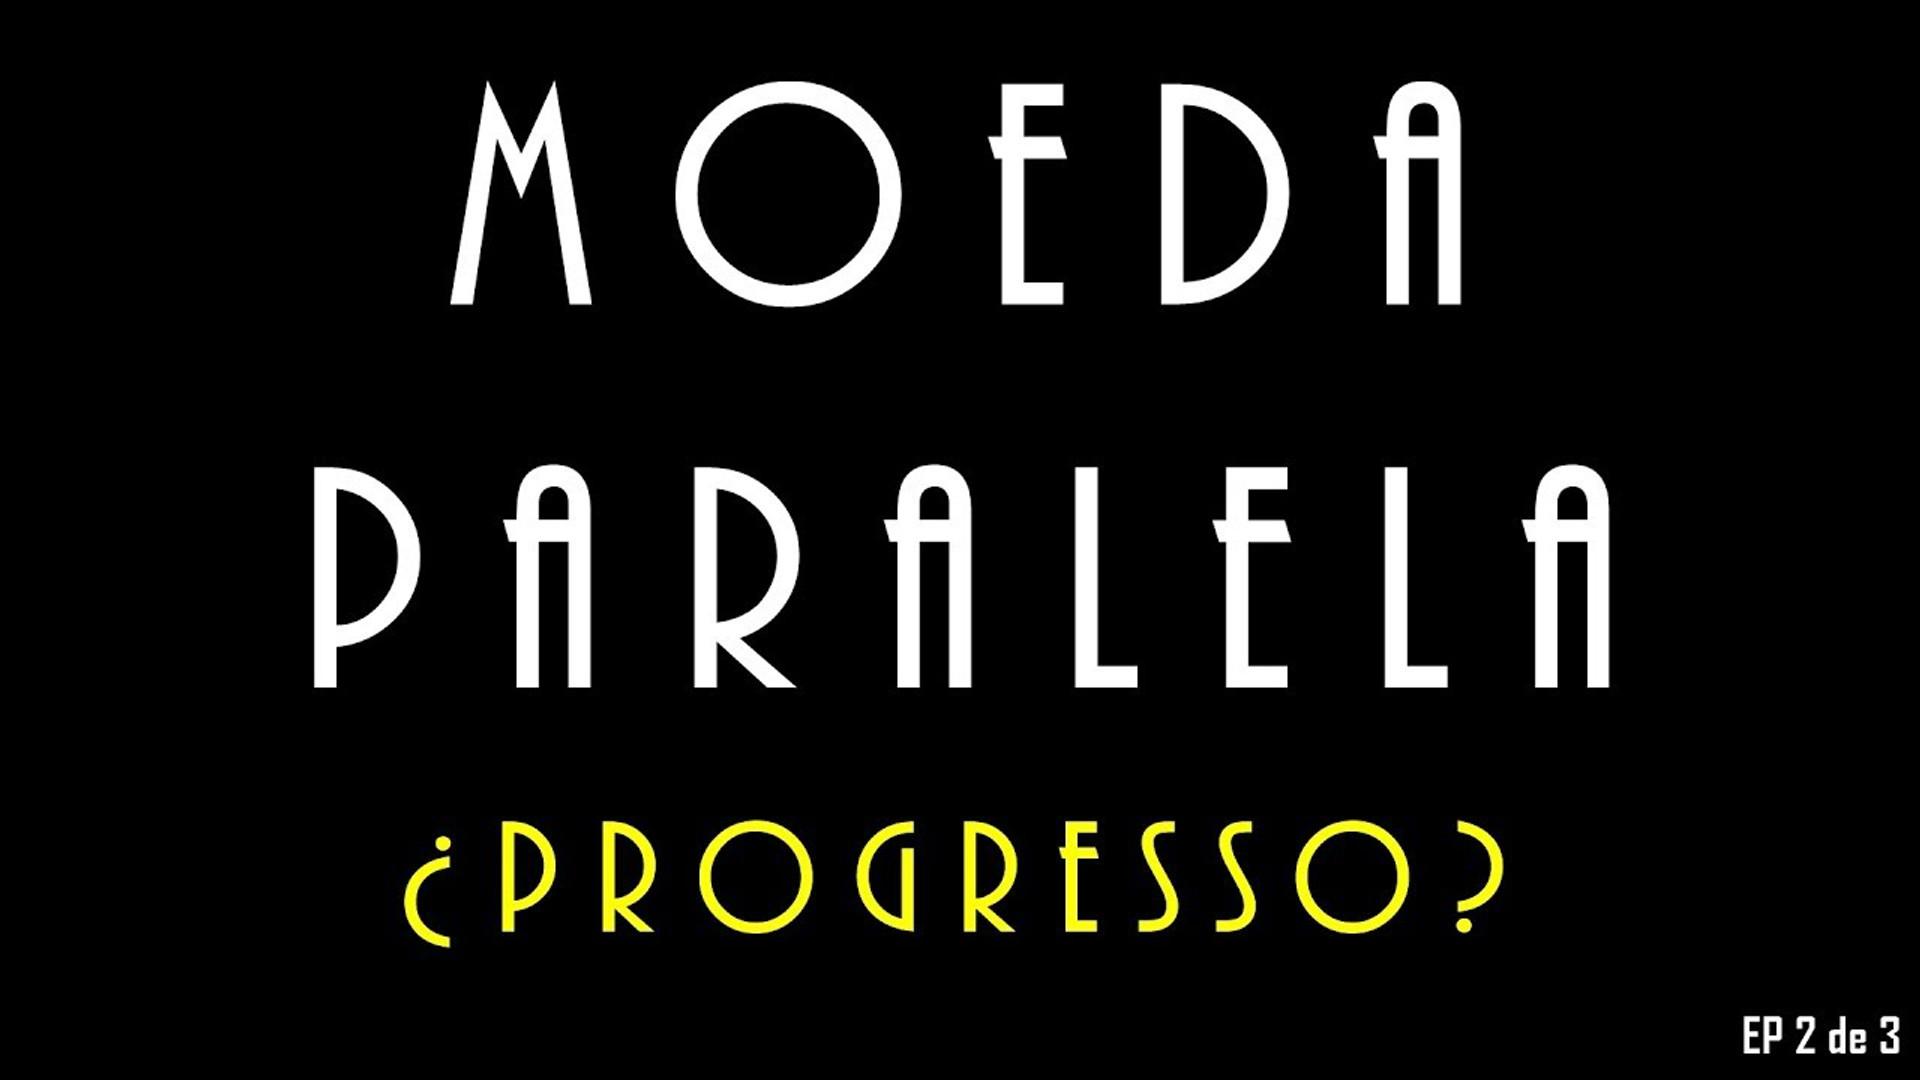 """Moeda Paralela - A História do EP """"¿Progresso?"""" (2018)"""